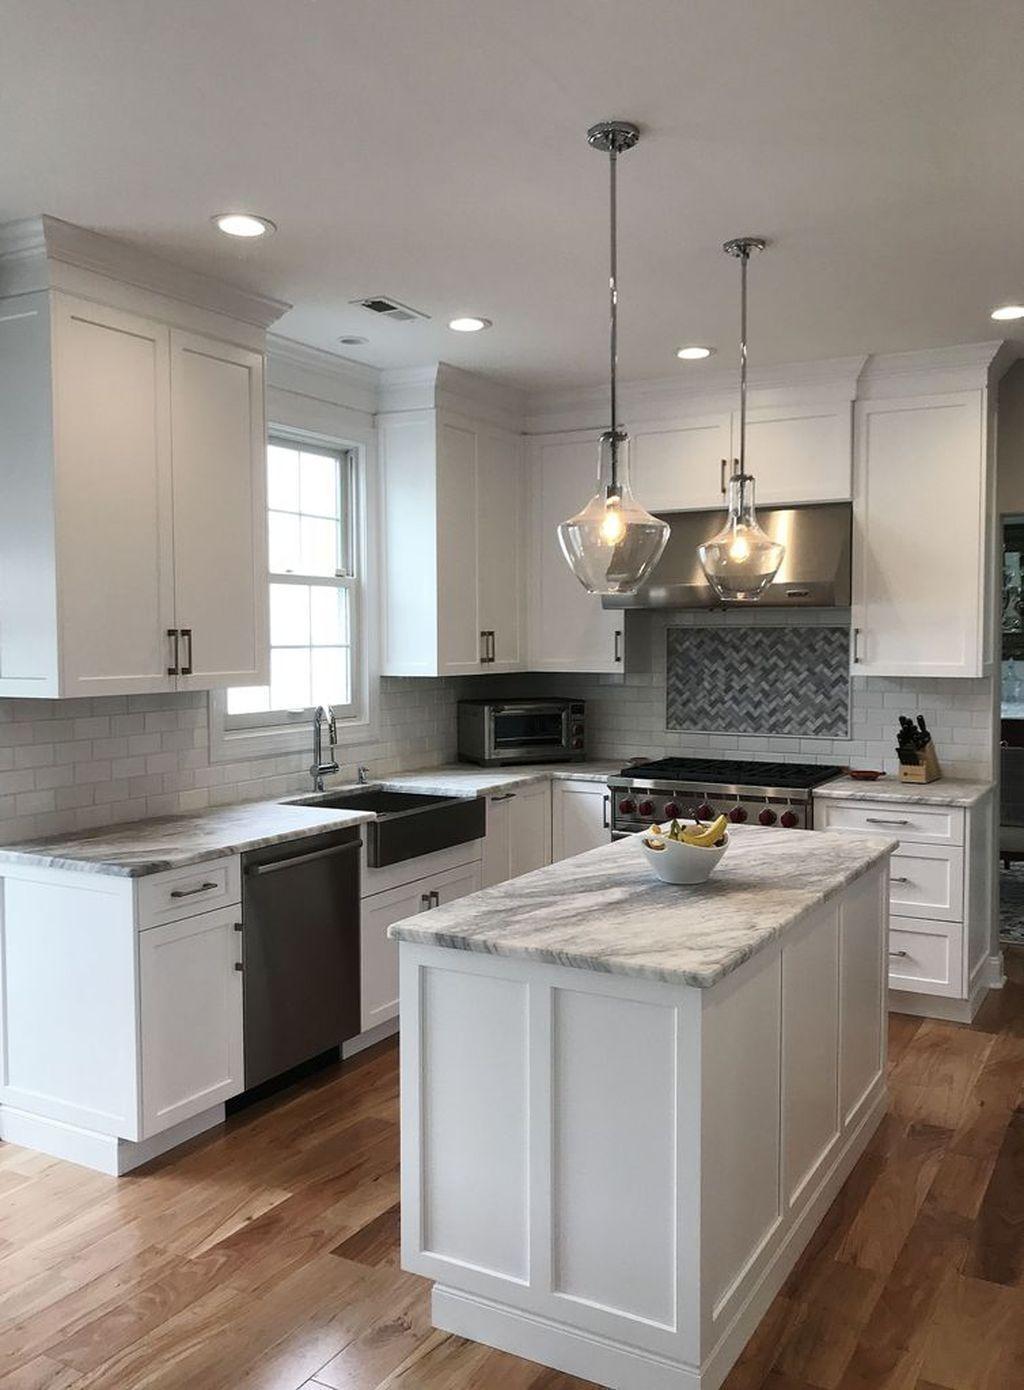 45 Adorable White Kitchen Design Ideas Napiernews Info In 2020 Kitchen Design Small Kitchen Remodel Small Kitchen Design Countertops